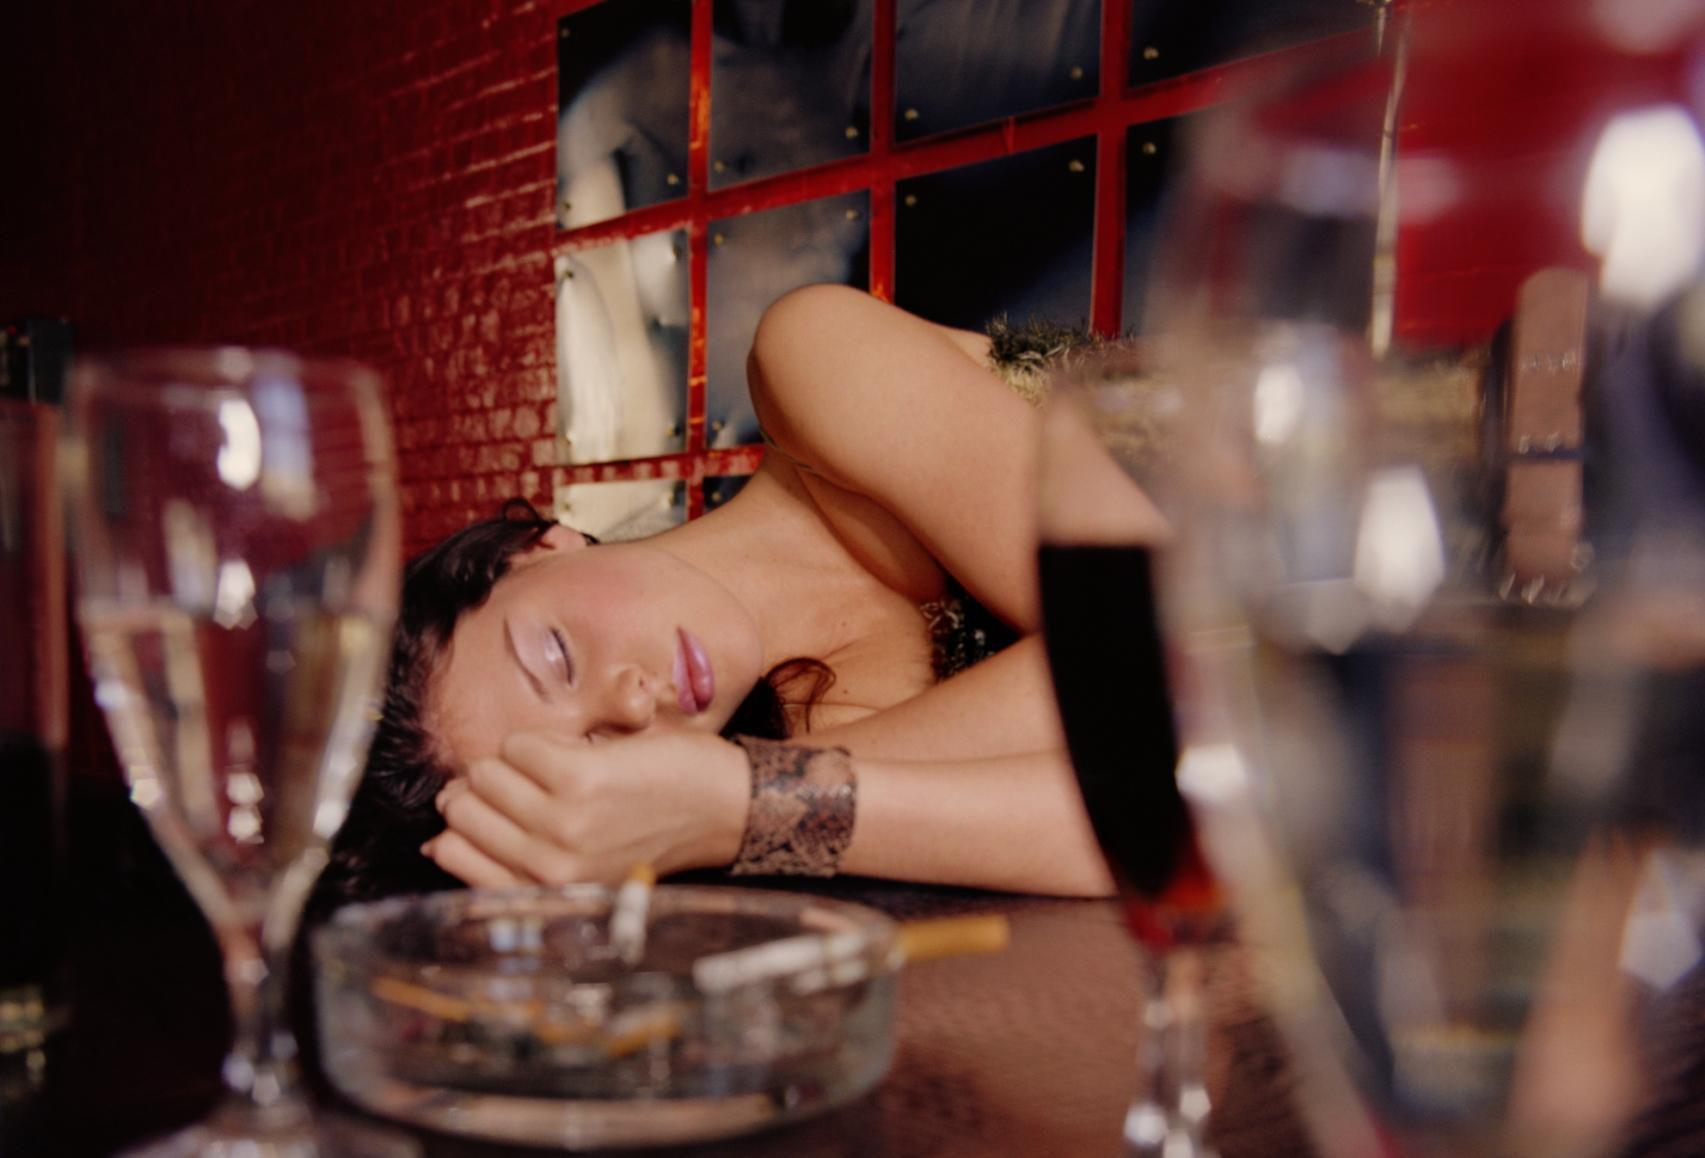 Вот взгляд на риск употребления алкоголя для вашего здоровья